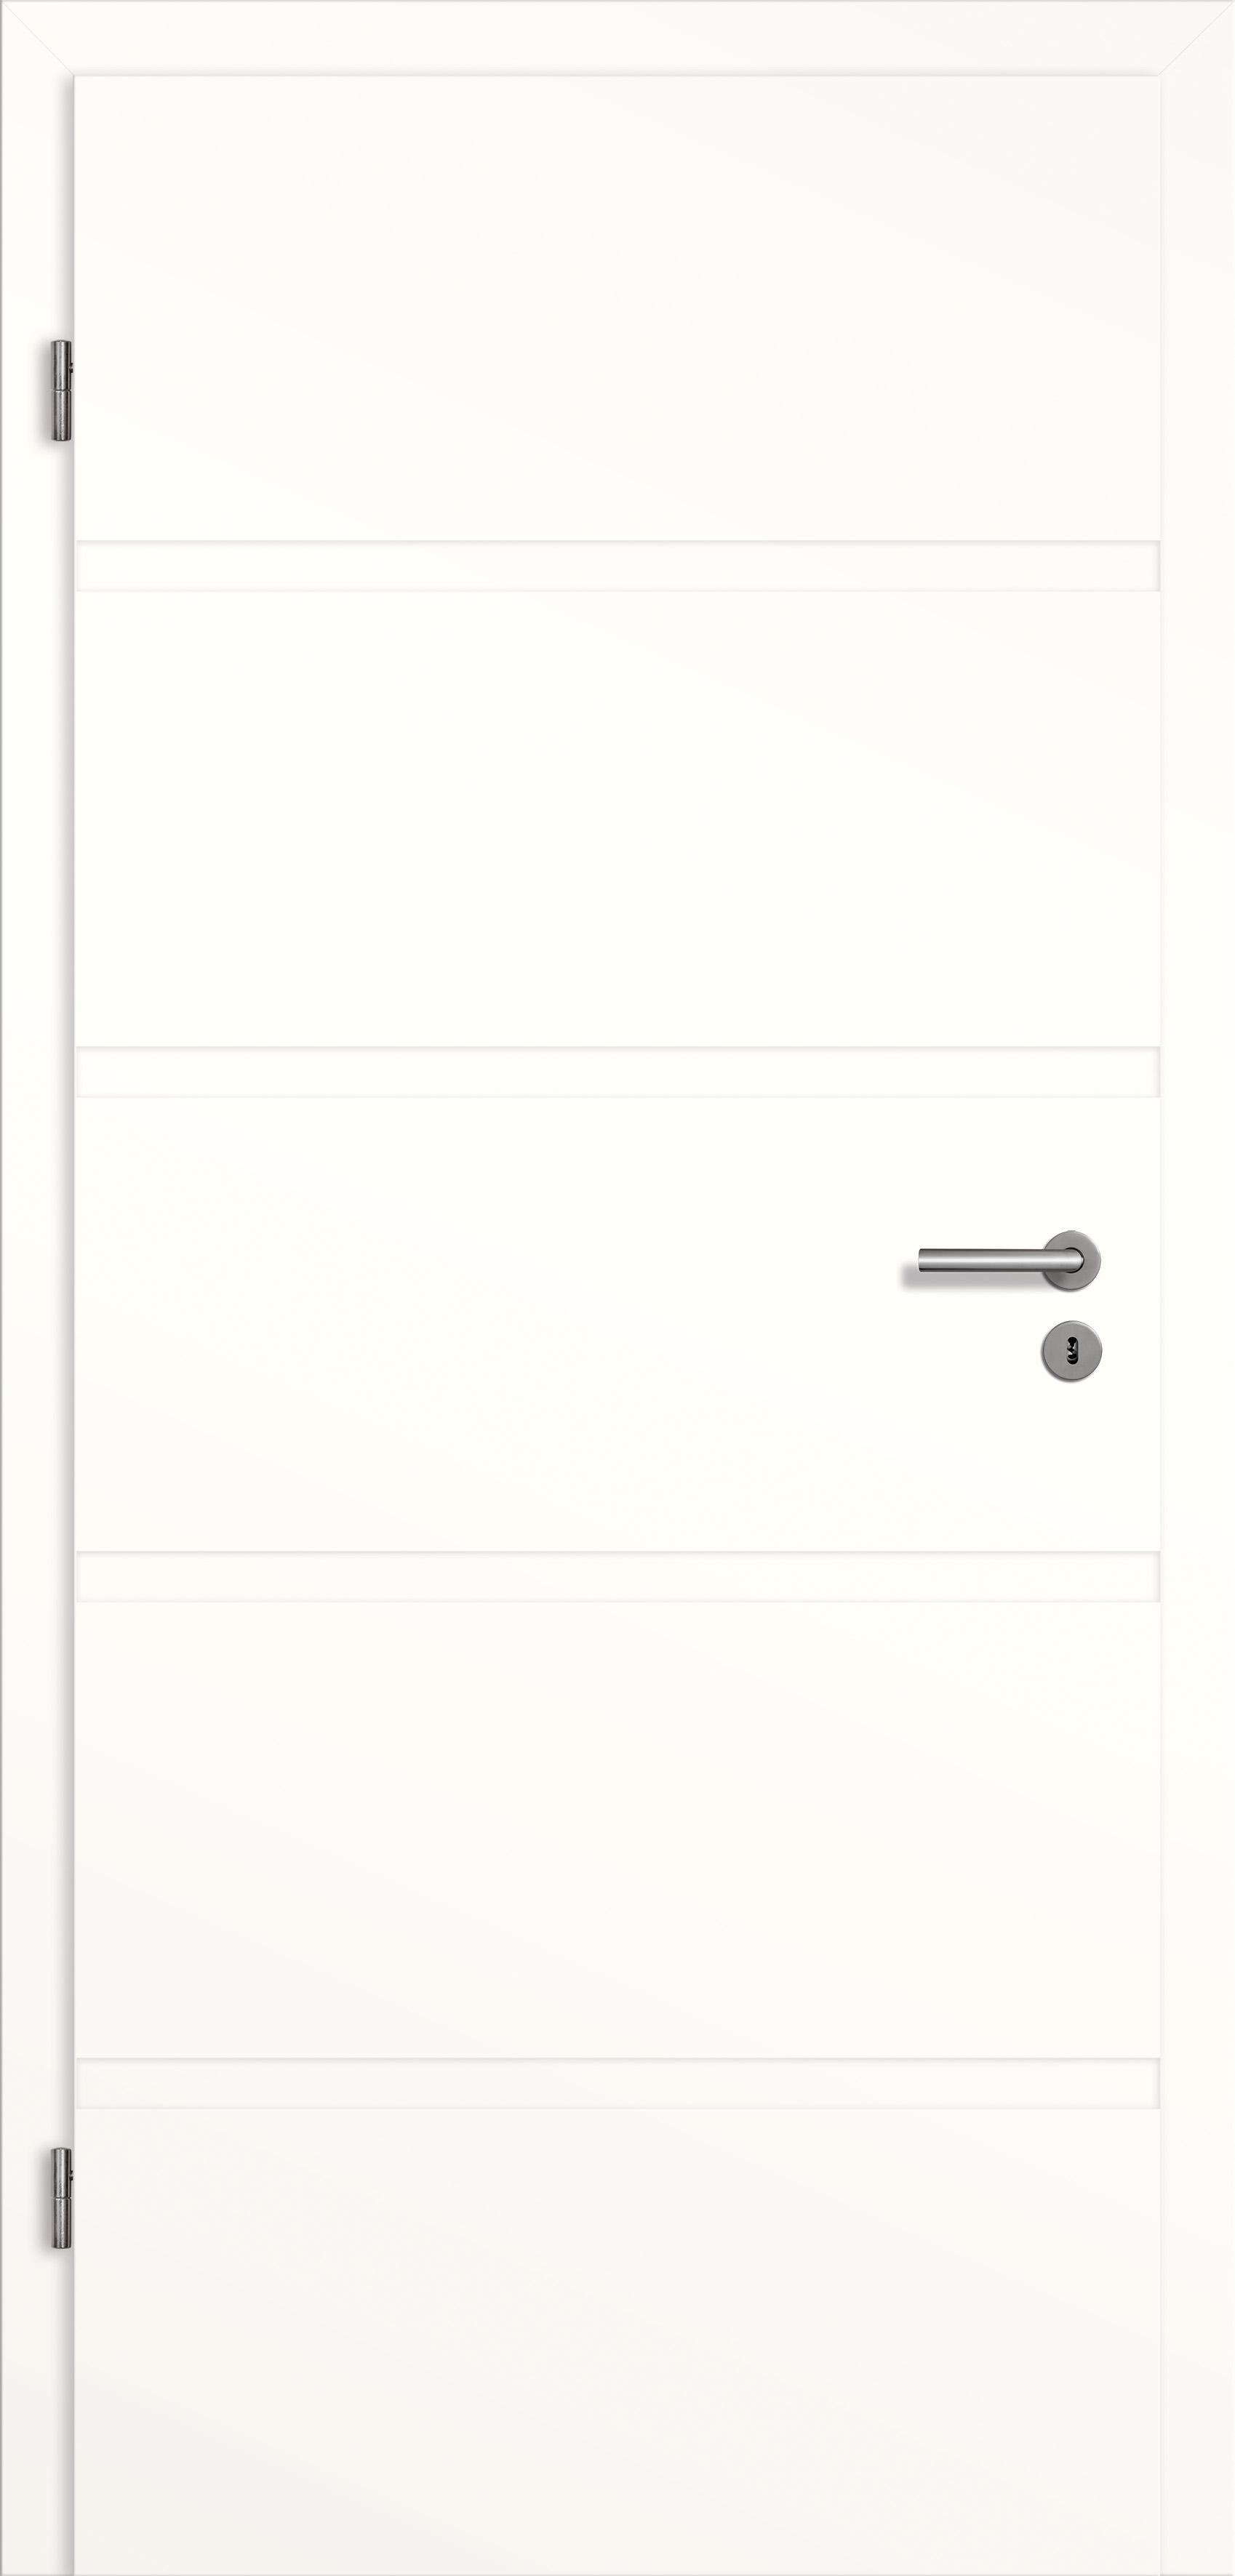 Stiltüren Zimmertüren